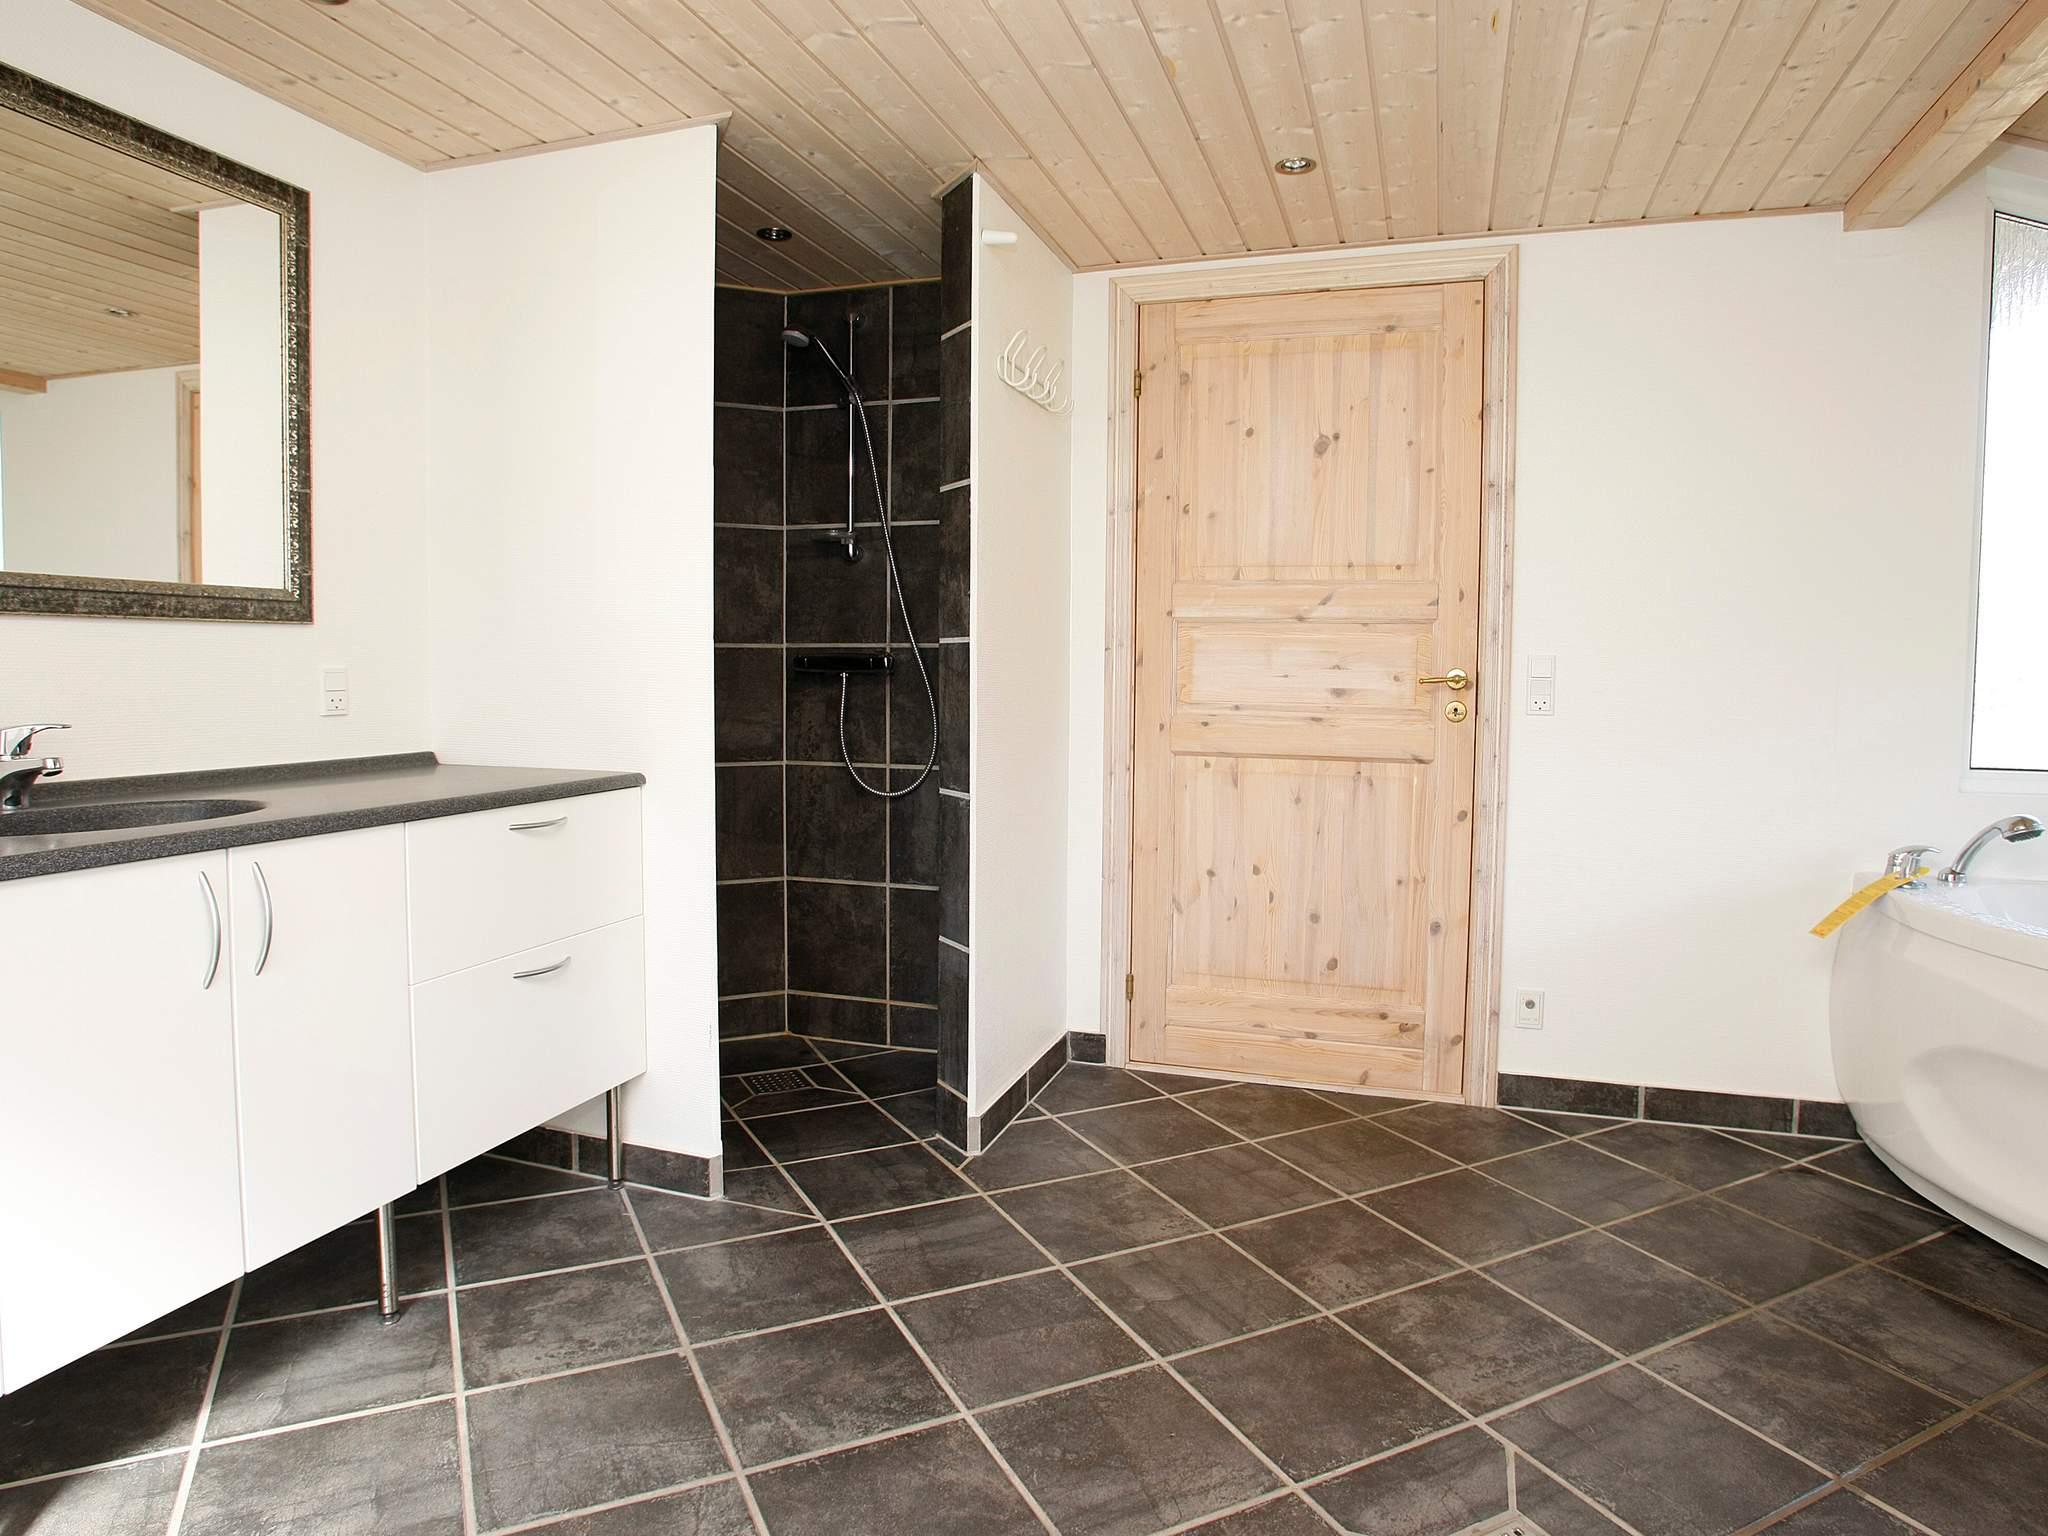 Ferienhaus Lodskovvad (405517), Lodskovvad, , Nordostjütland, Dänemark, Bild 9